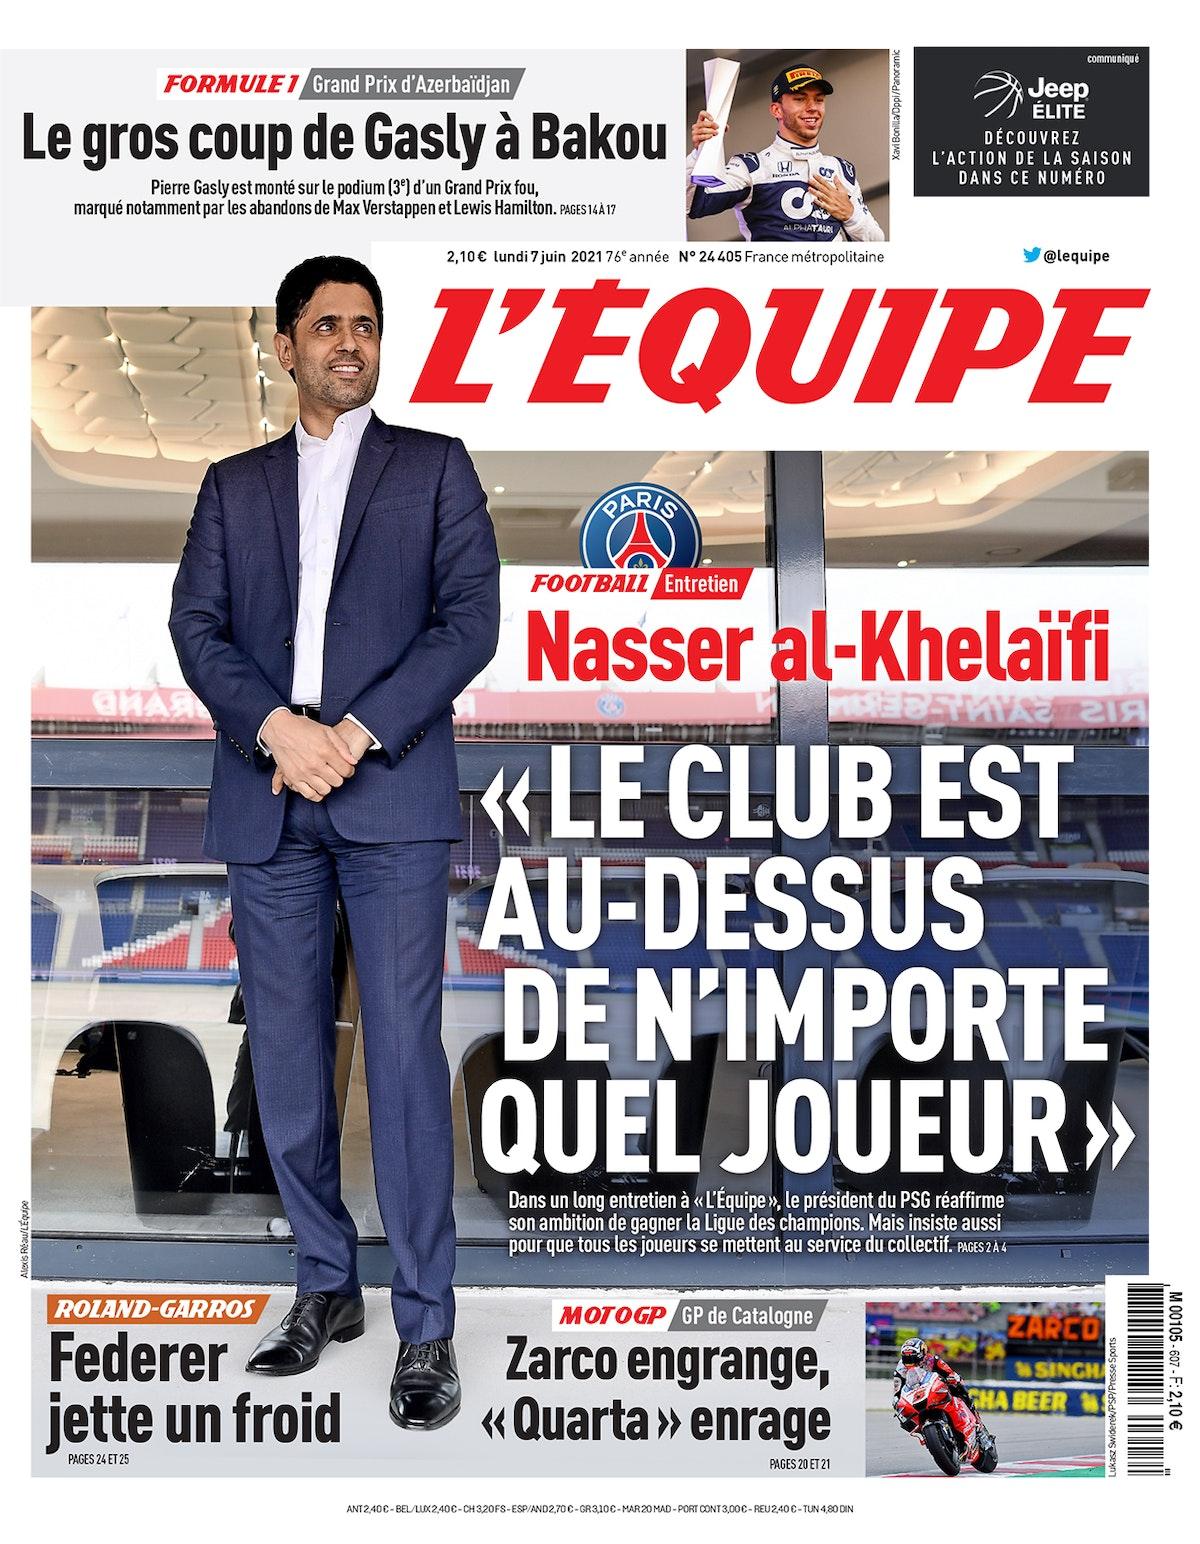 غلاف يومية ليكيب الفرنسية في تاريخ 7 يونيو 2021 - TWITTER/@lequipe